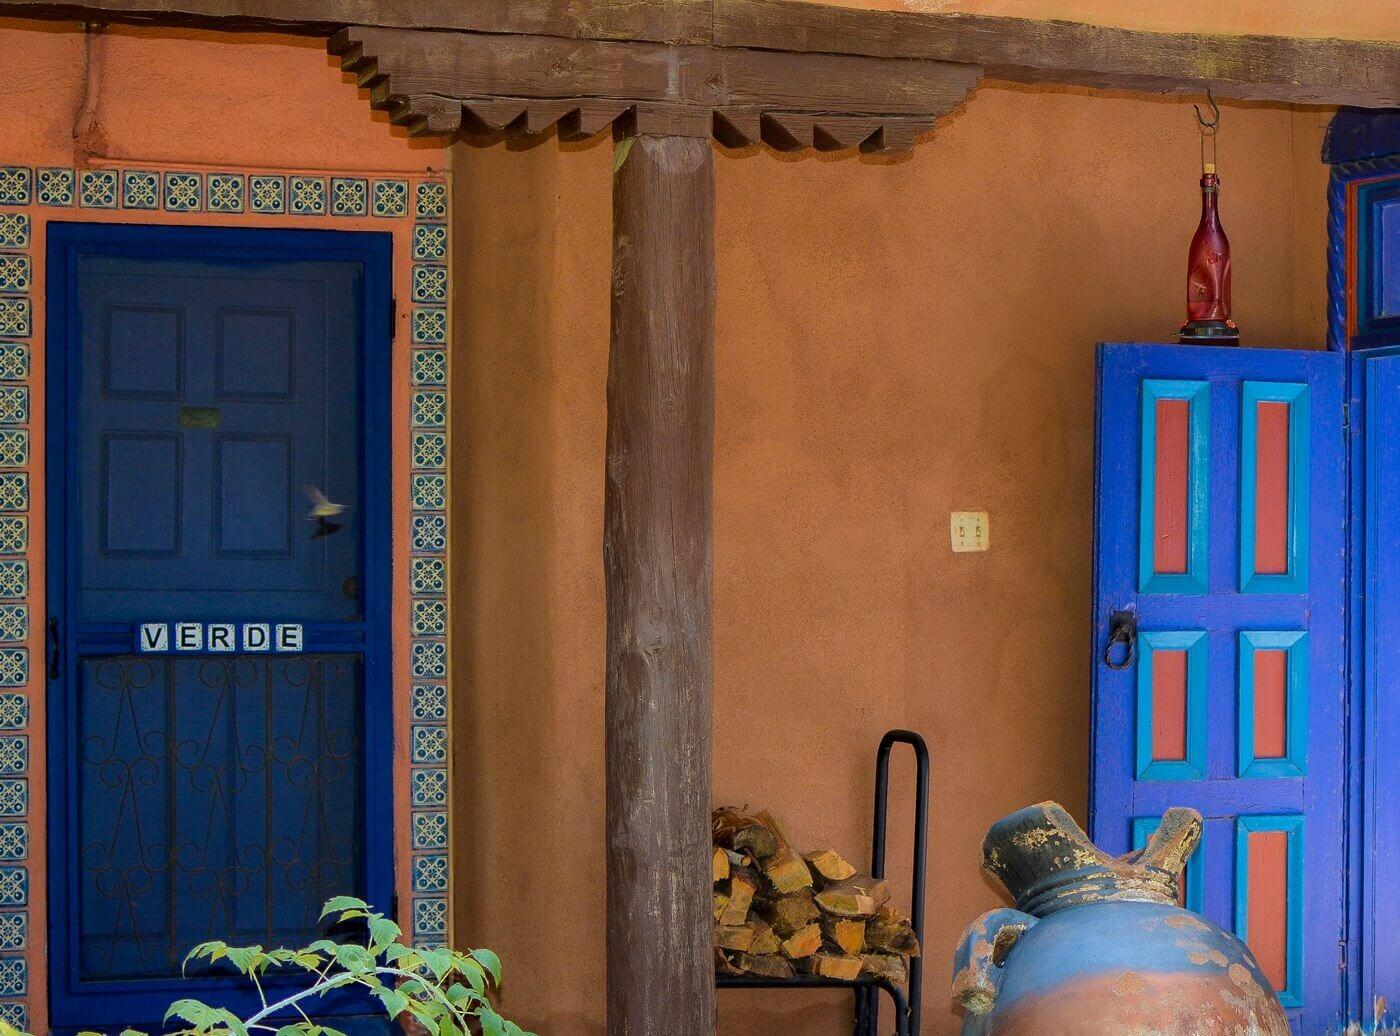 Entranceway to Verde